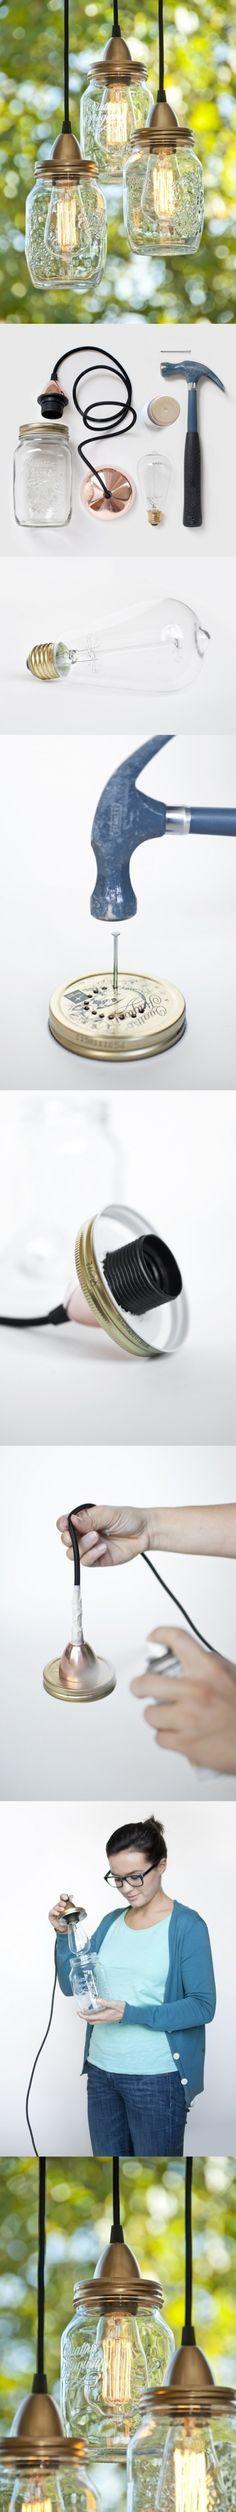 Zelfmaak lamp van een glazen pot Door wendyvwy